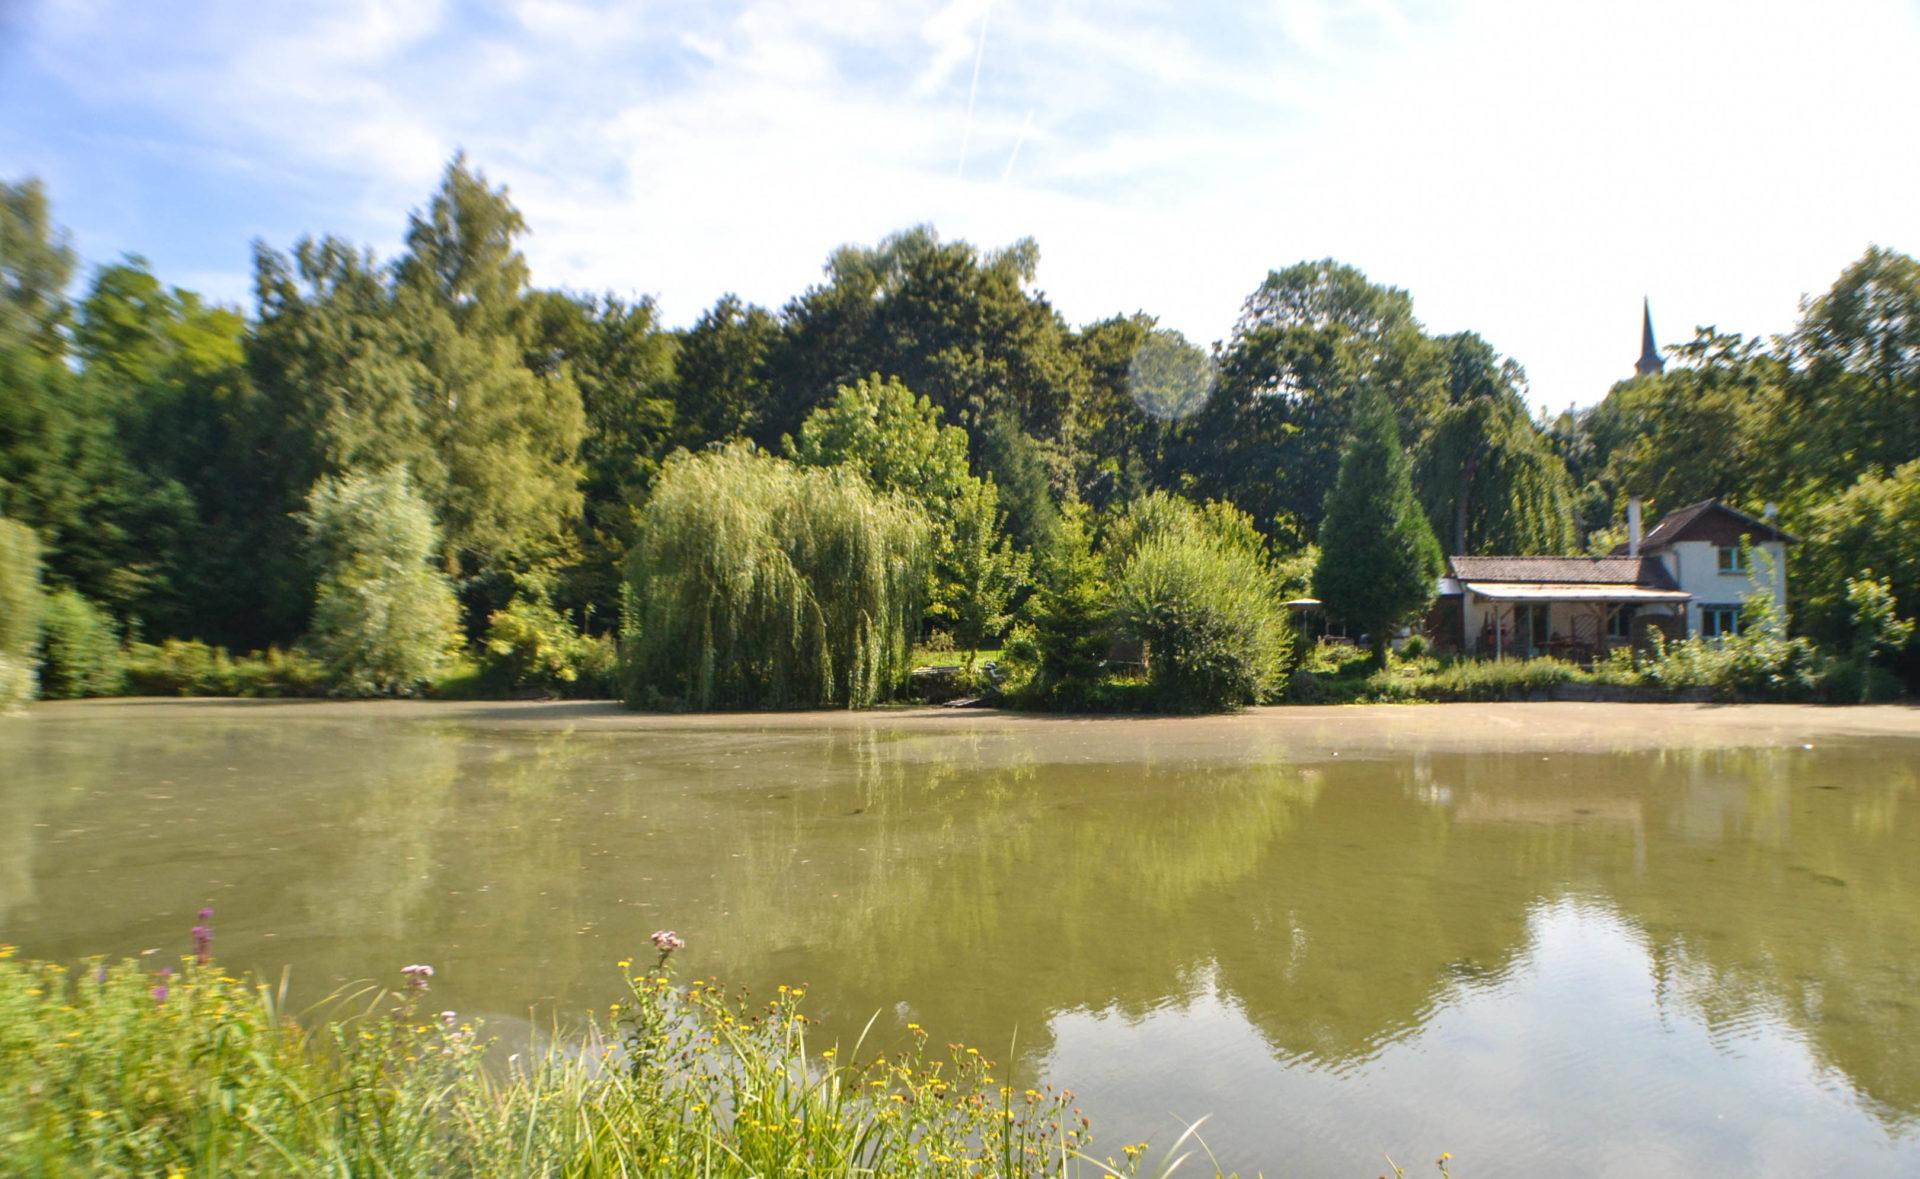 Maison avec étangs au coeur d'Amiens Métropole